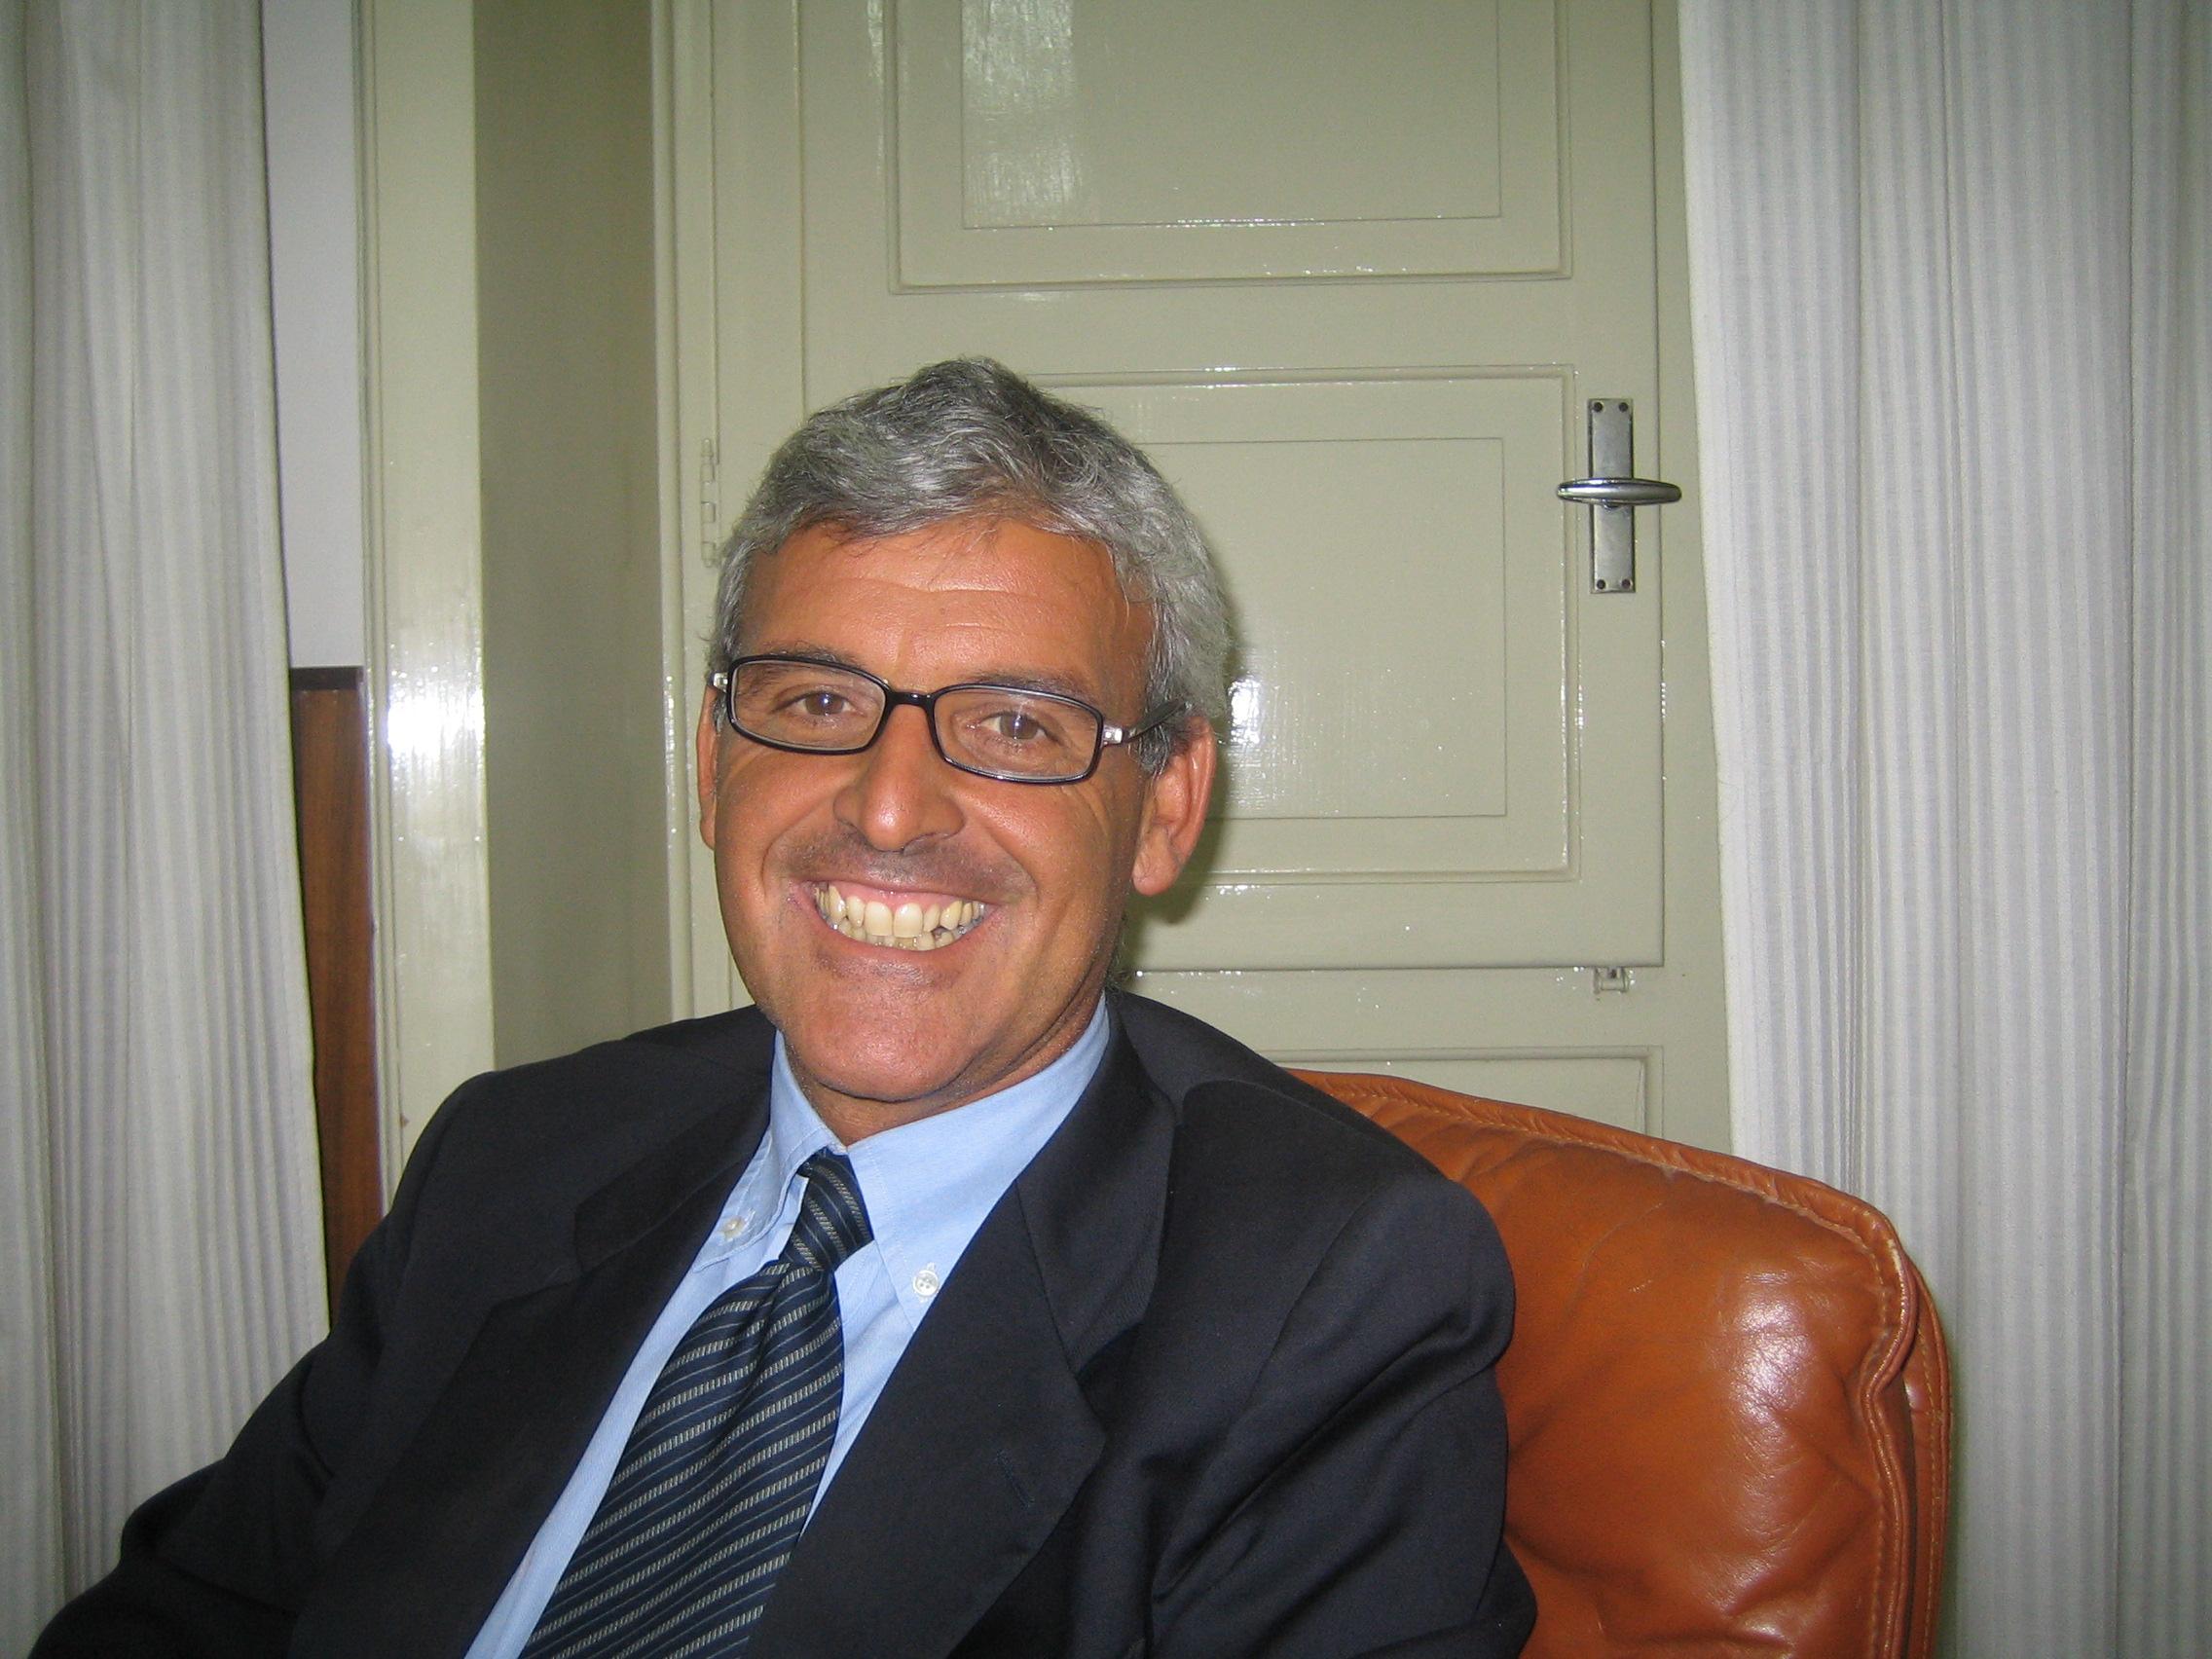 Stefano Pellegrino